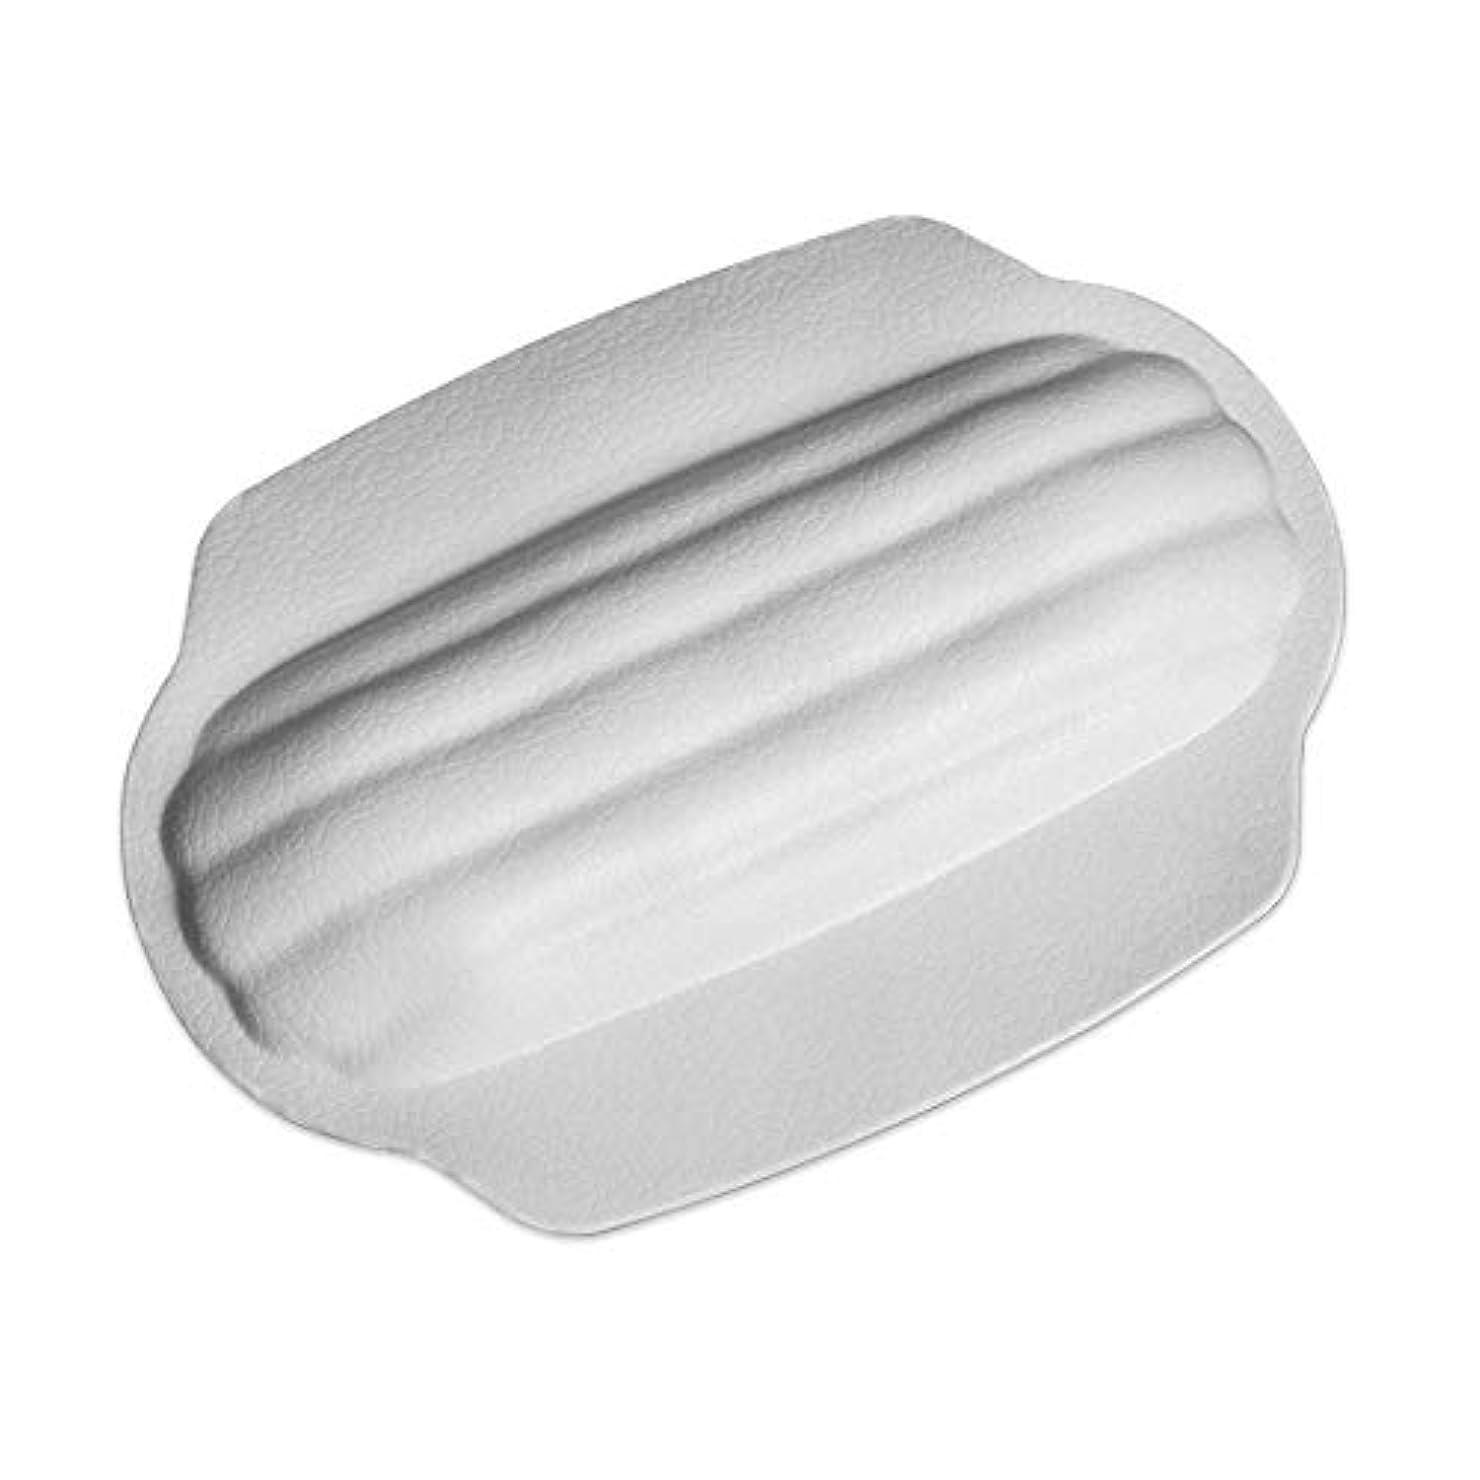 感嘆符現在速報サクションカップ付き防水滑り止めスパ枕厚めユニバーサルバスタブ枕バスタブと抗菌性